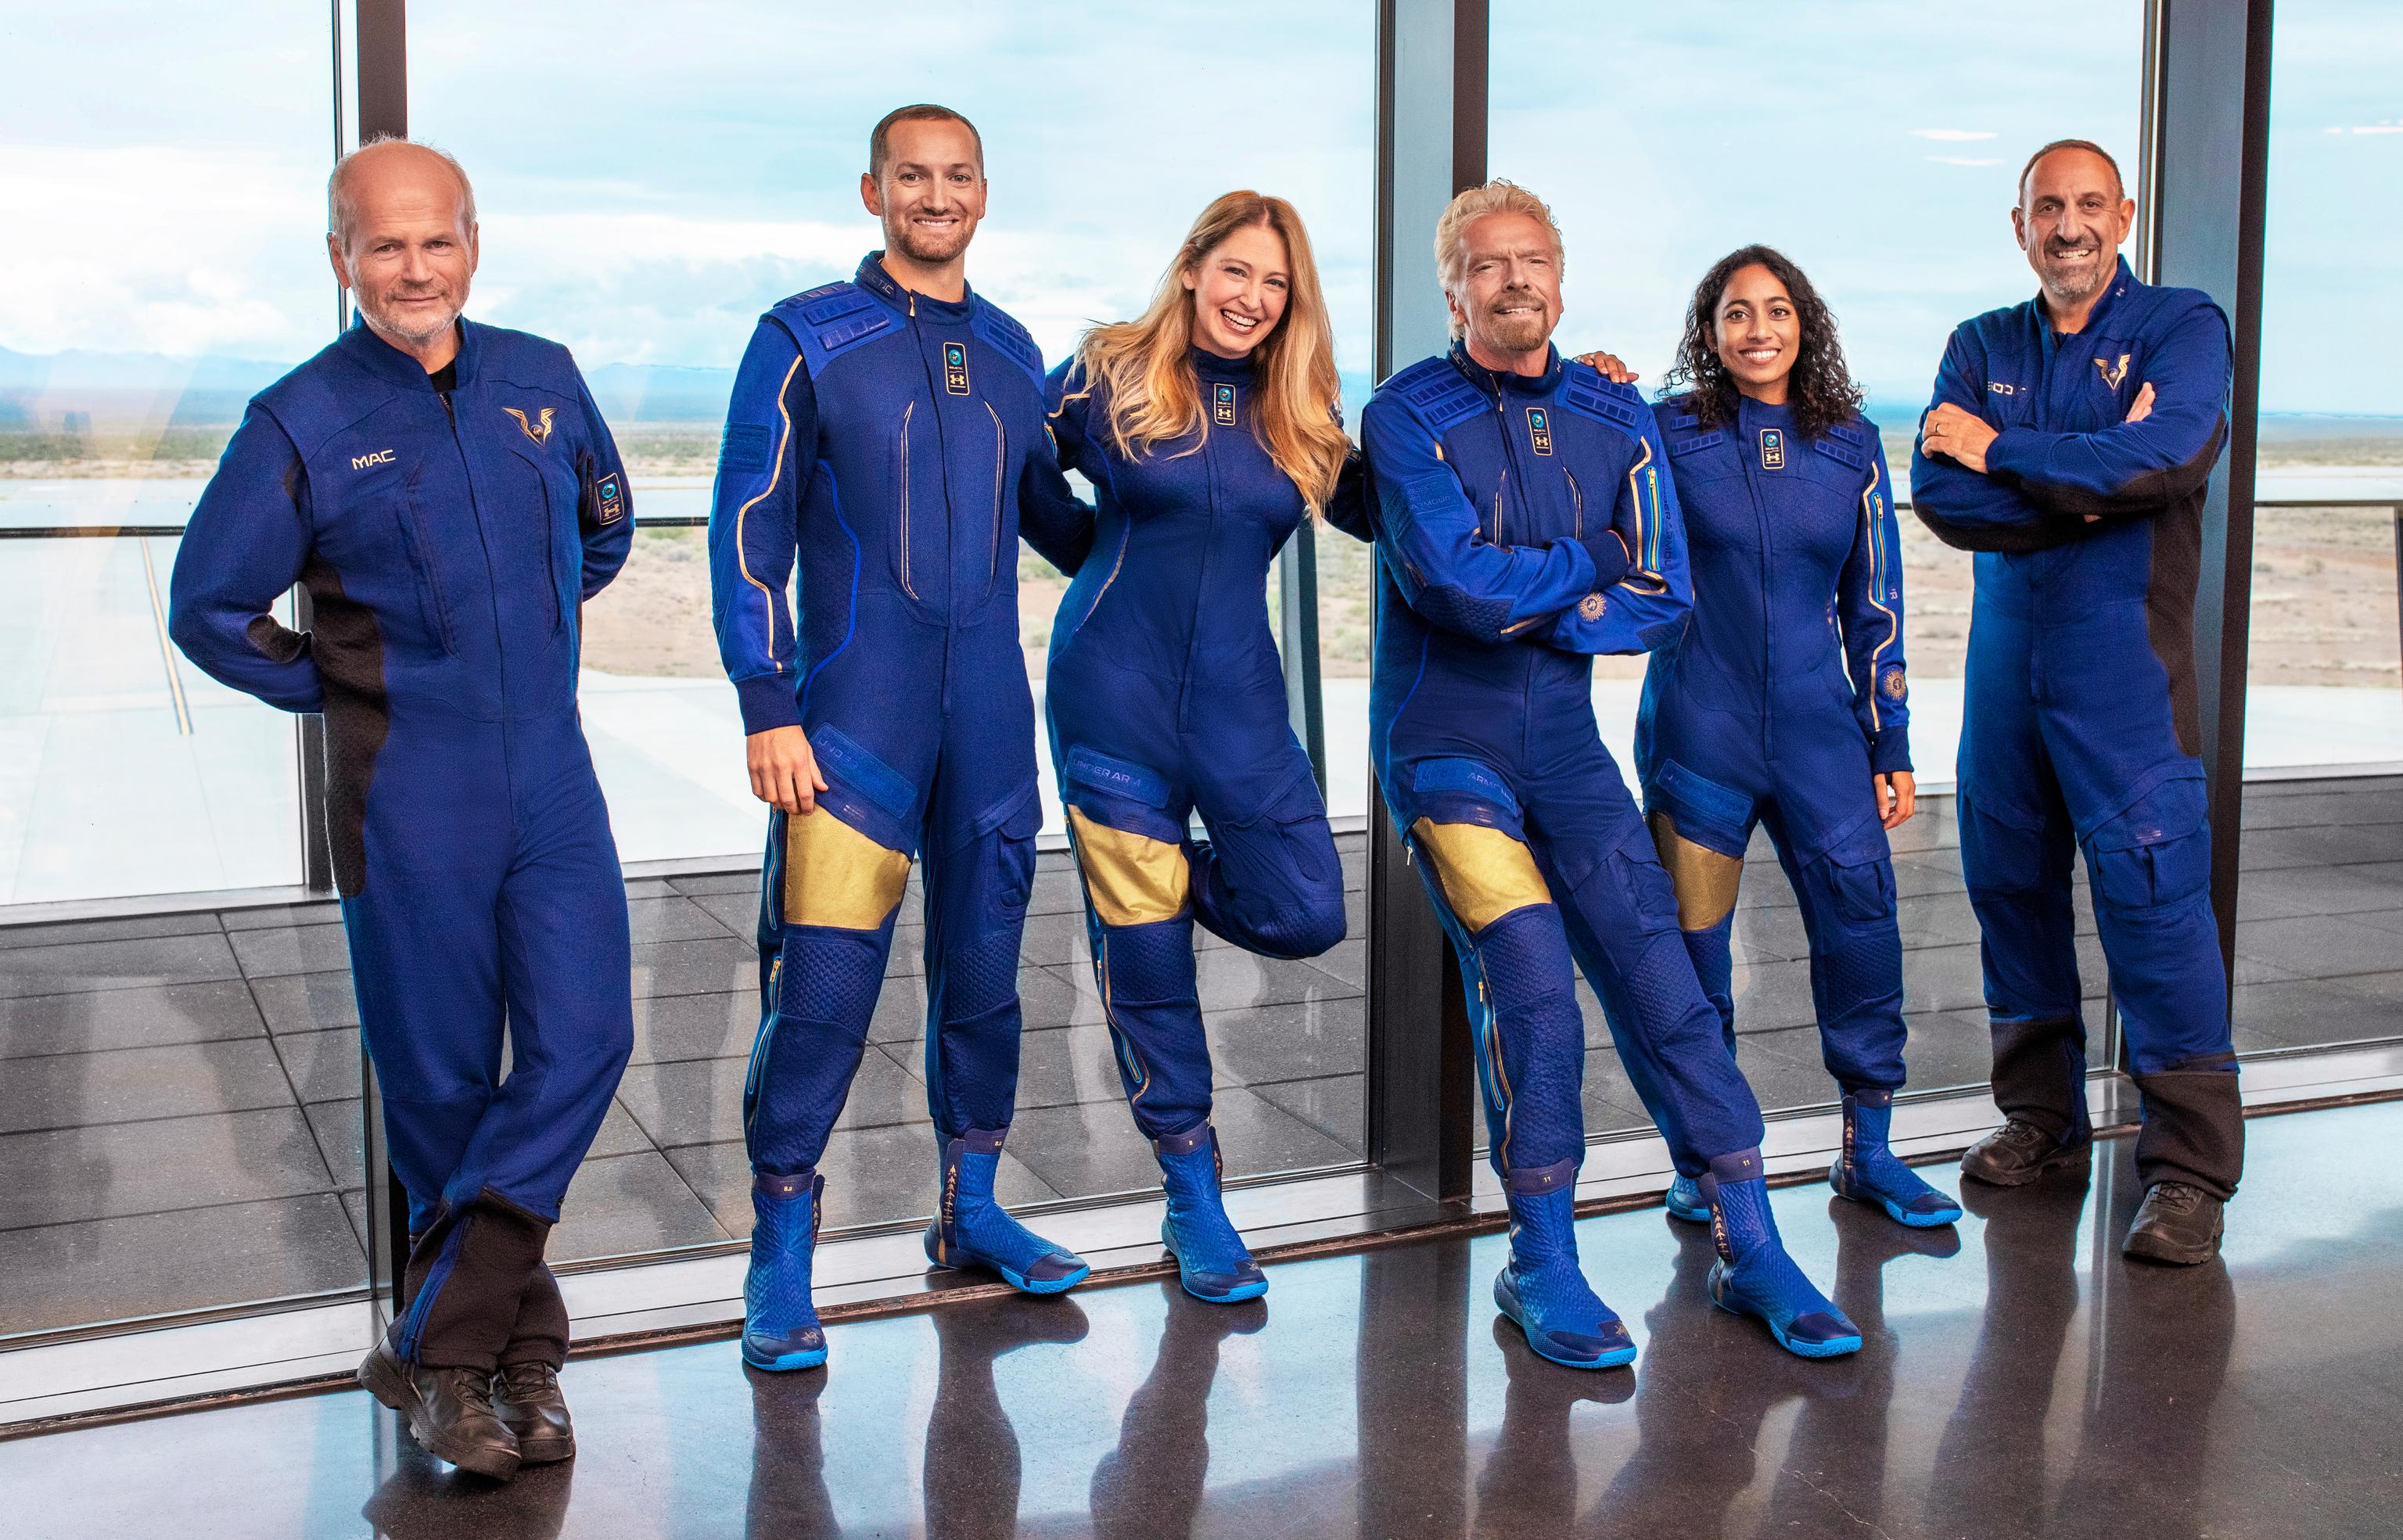 Guerra de millonarios por estrenar primero su nave espacial: Richard Branson se adelanta a Jeff Bezos y volará al espacio el 11 de julio